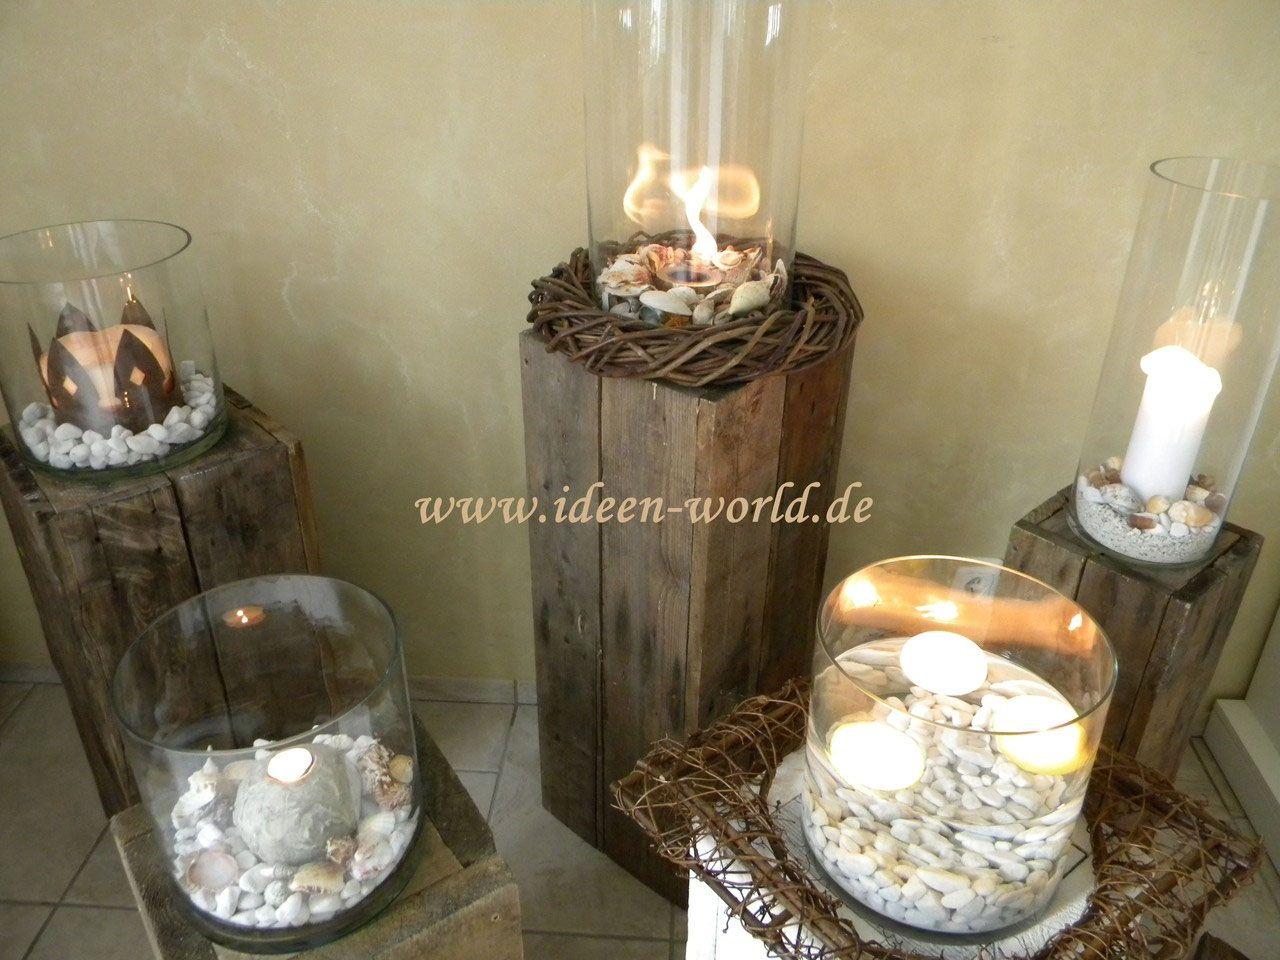 Dekoration weihnachten kerze baumstamm in hvelhof holz - Baumstamm deko laterne ...